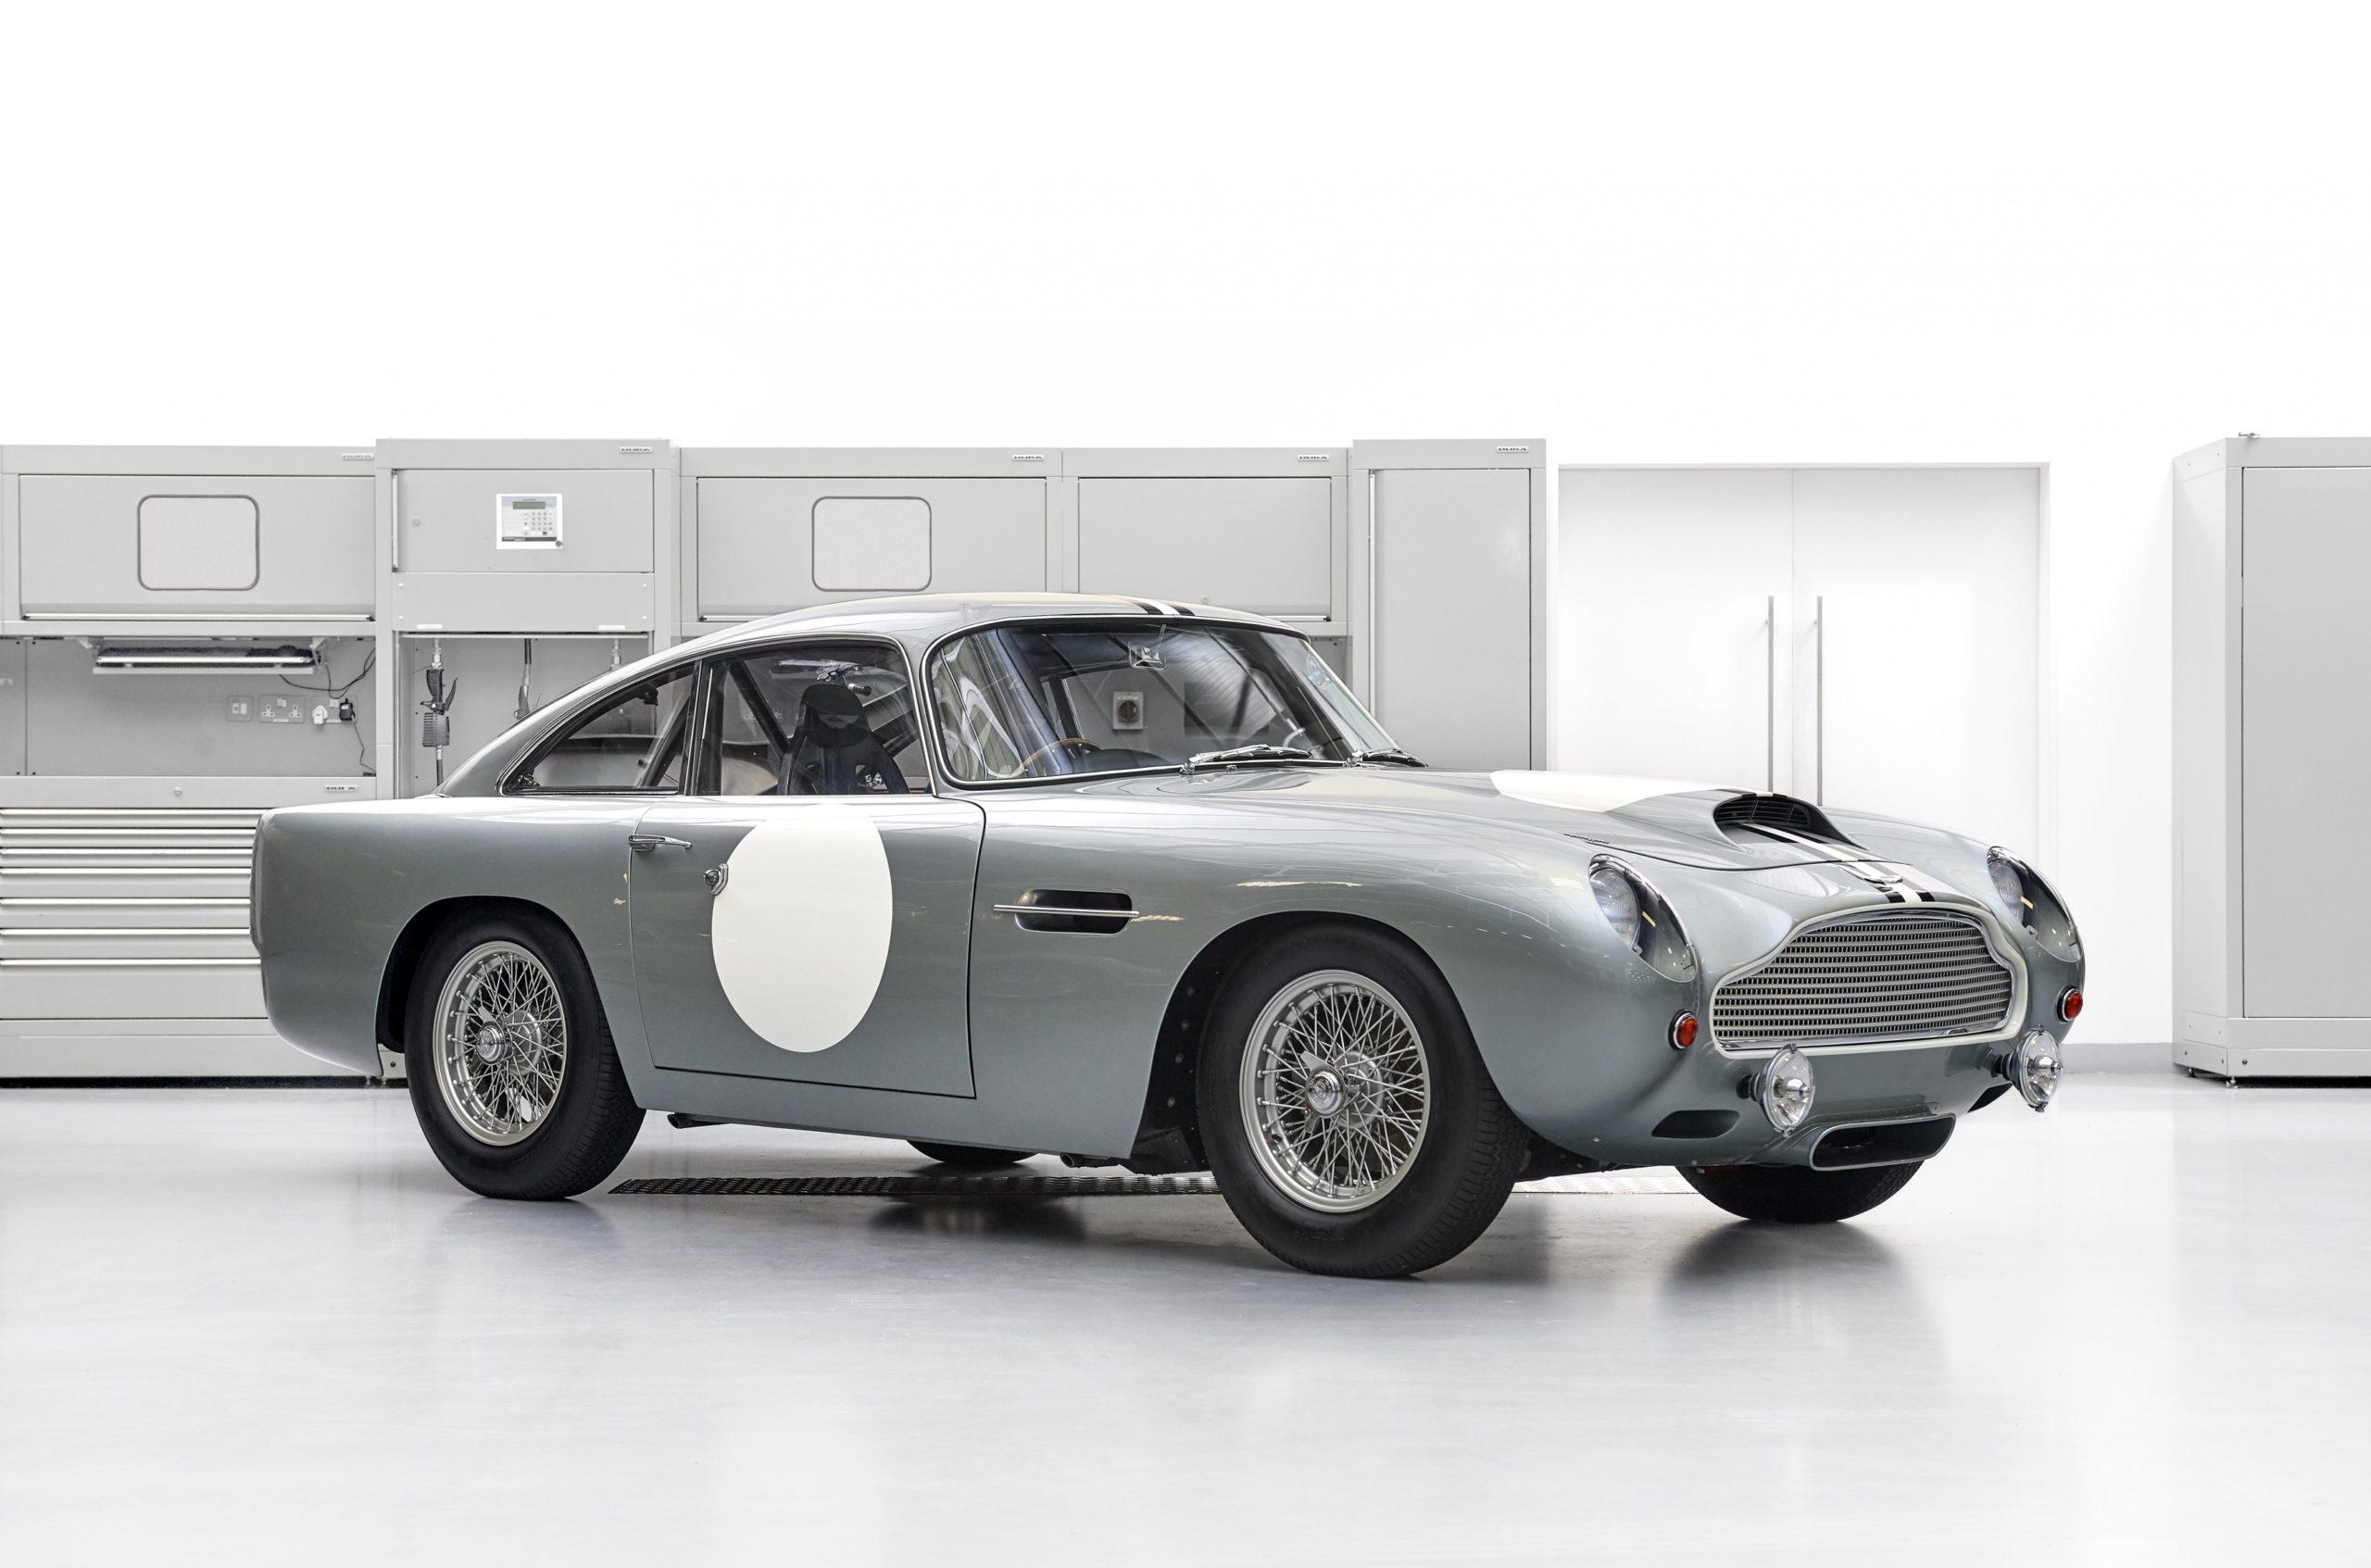 Aston Martin retoma venda de carro lançado em 1959